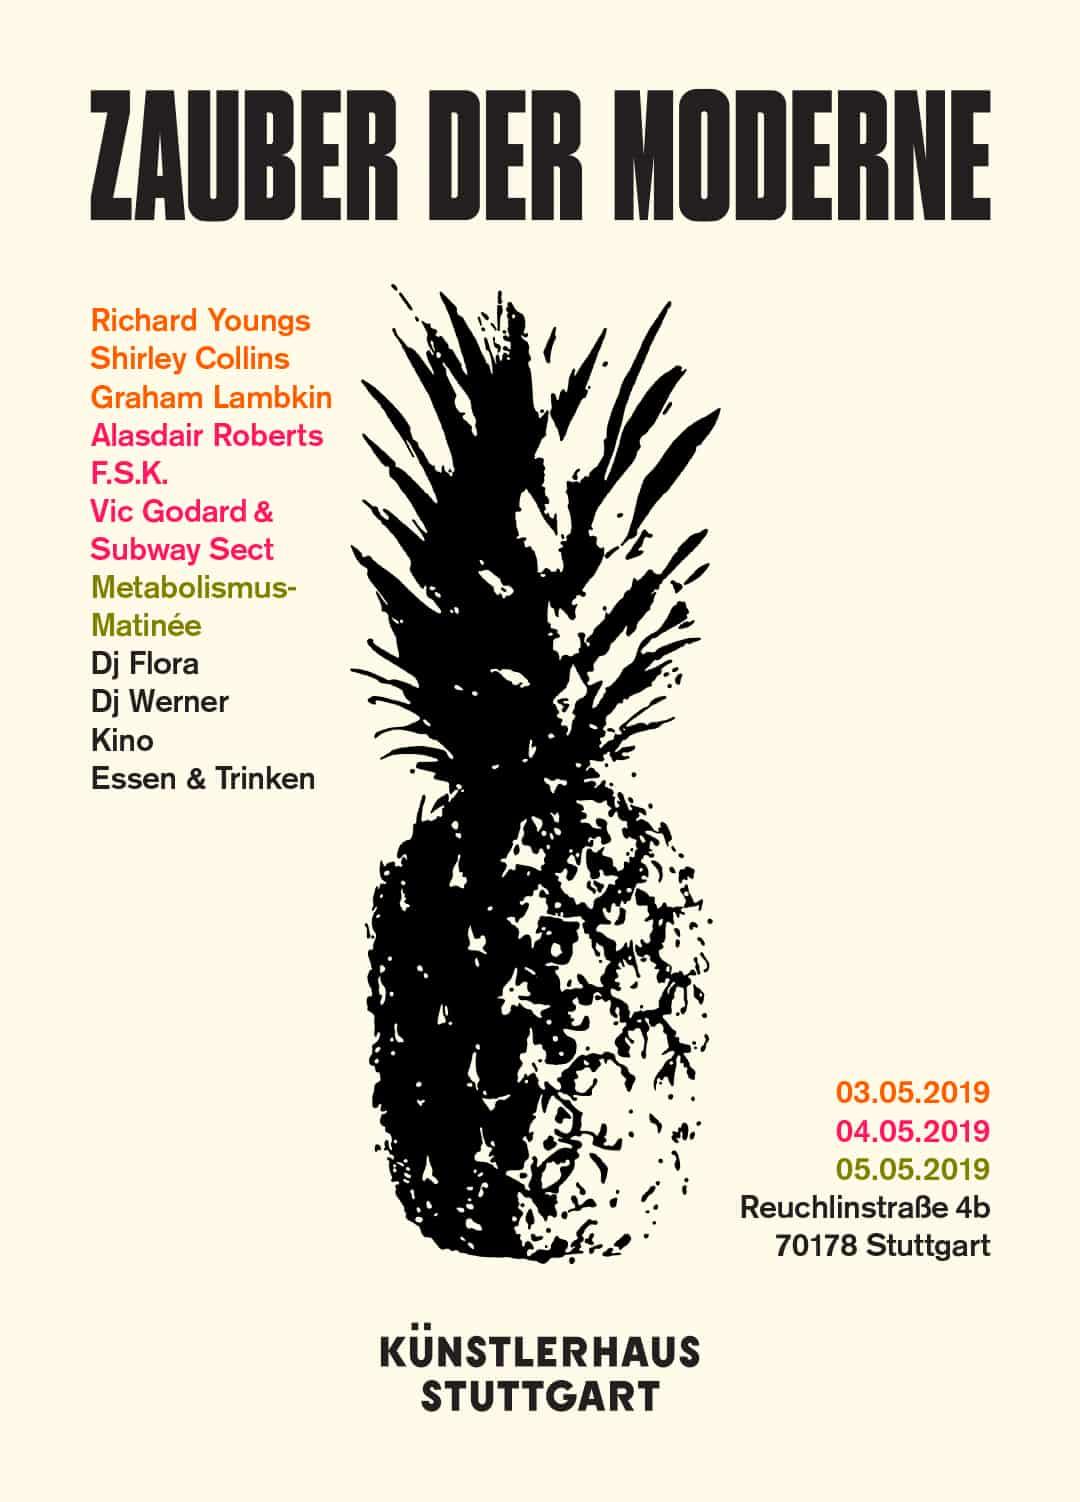 Zauber der Moderne • Musikfestival im Künstlerhaus Stuttgart